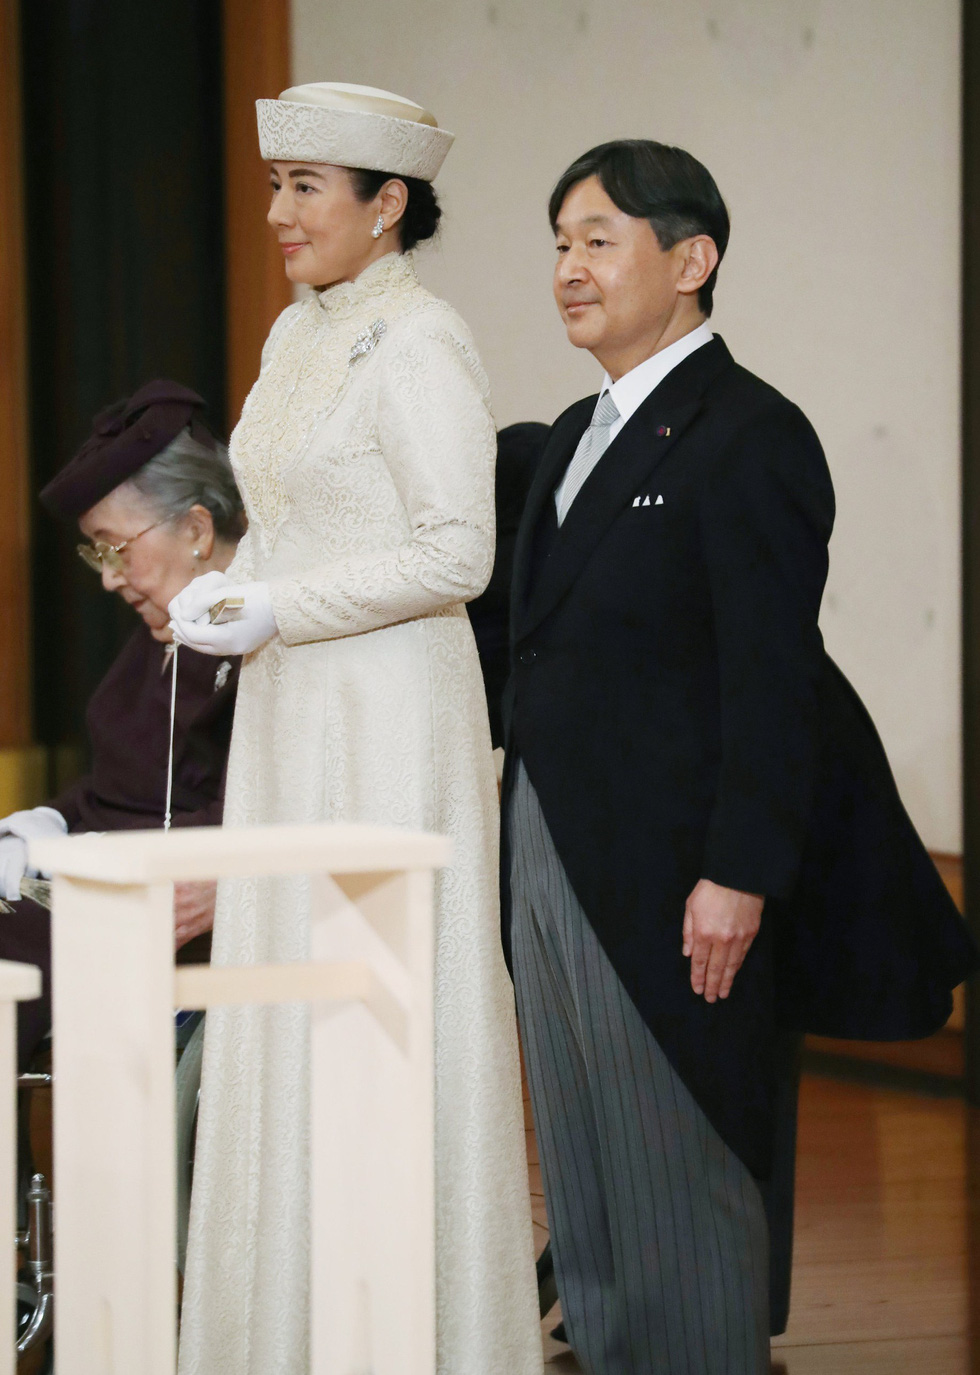 Nhật hoàng Akihito chính thức tuyên bố thoái vị, trở thành thượng hoàng - Ảnh 4.